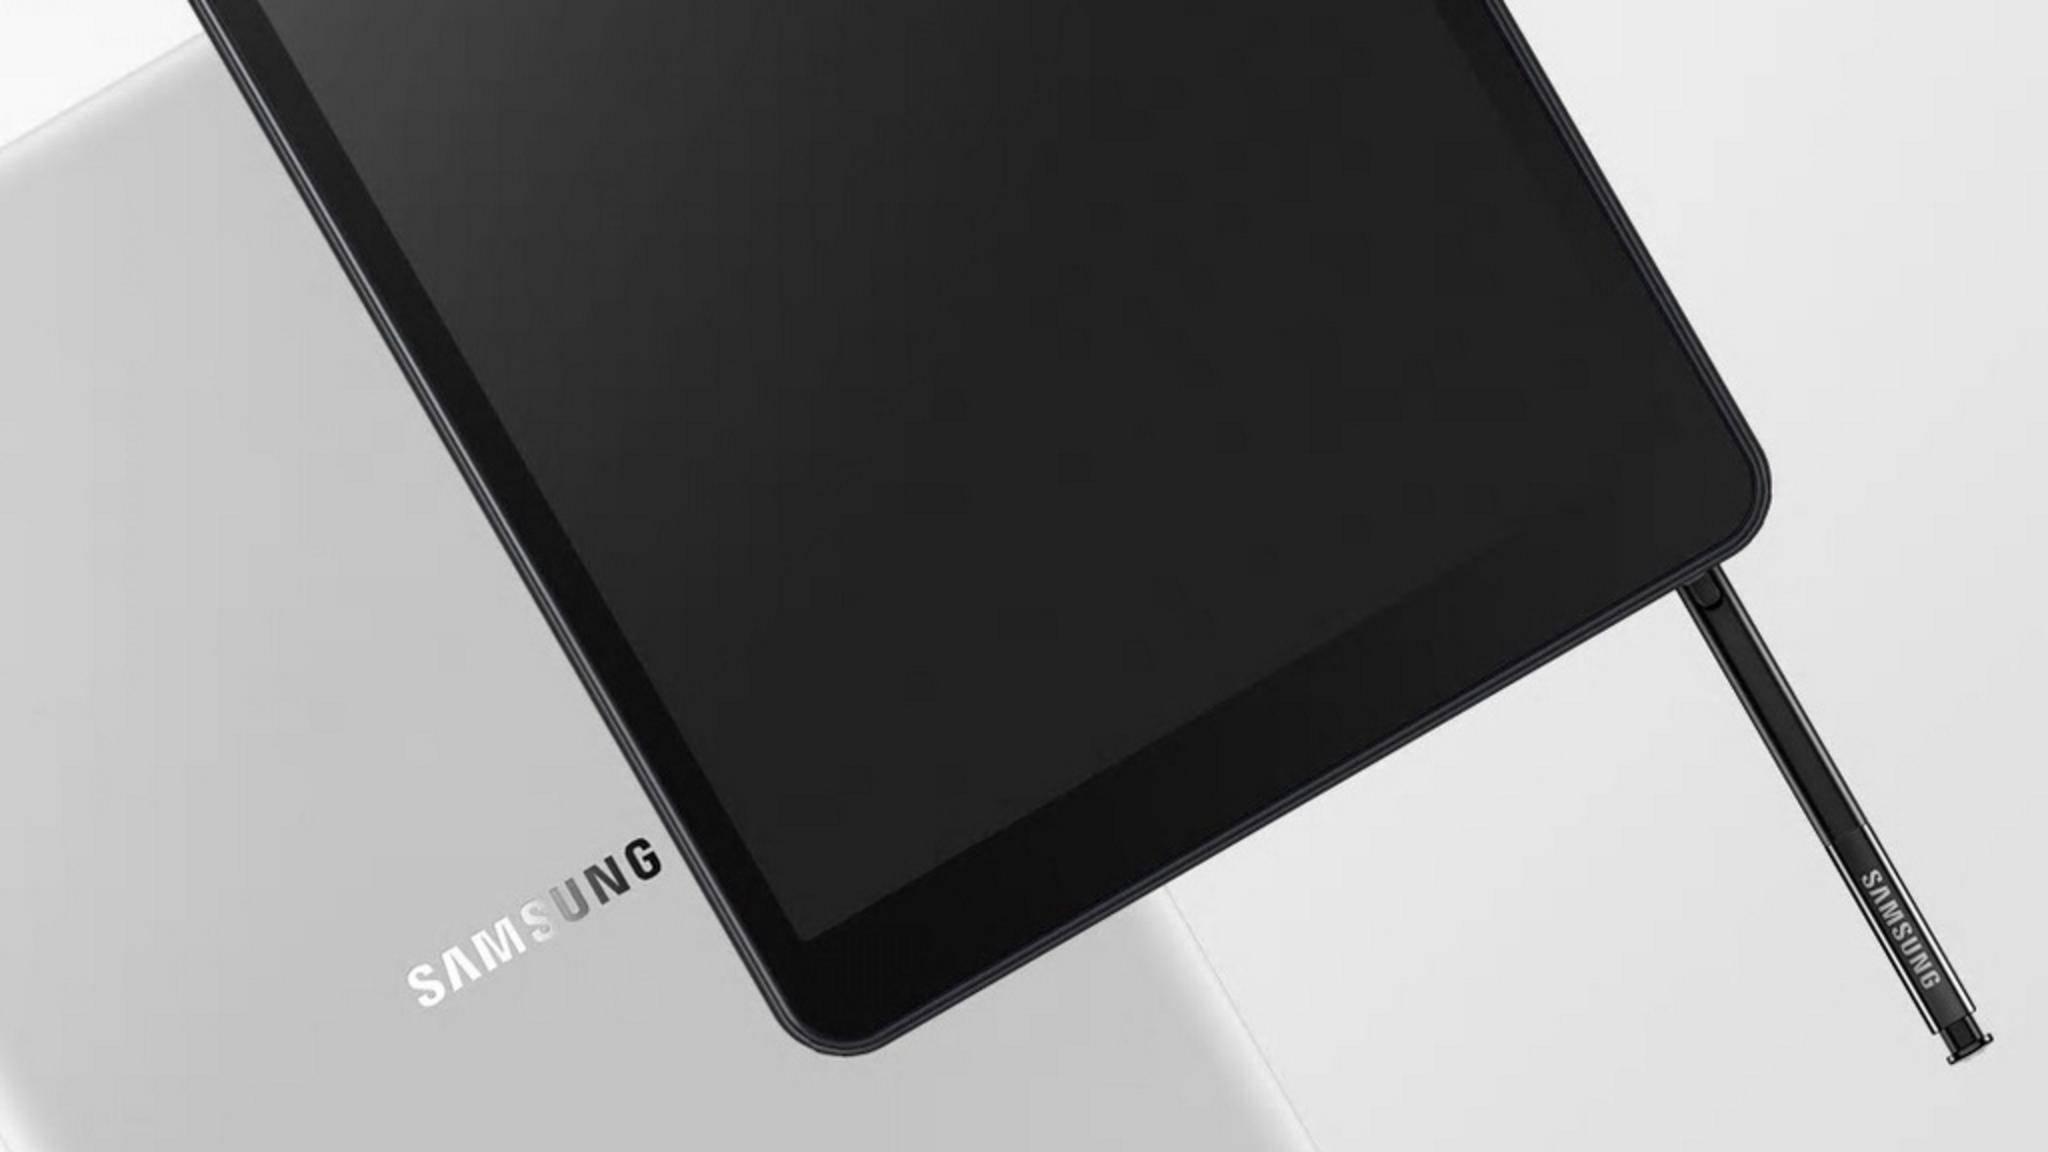 Eines der ersten Bilder, das angeblich das Galaxy Tab A Plus (2019) zeigt.